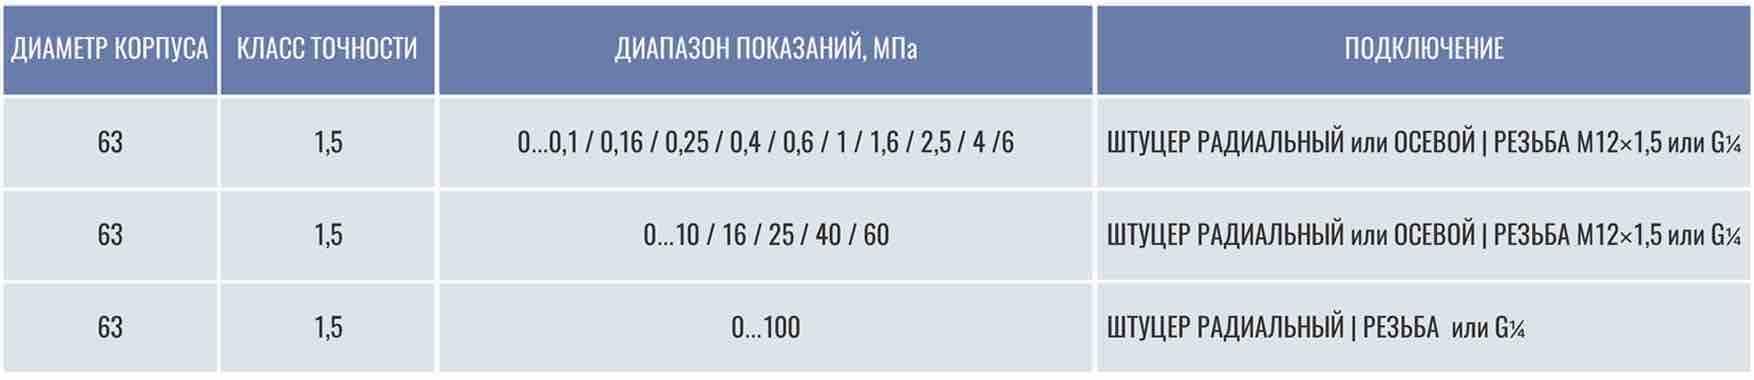 Манометры осевые и радиальные виброустойчивые купить в Санкт-Петербурге